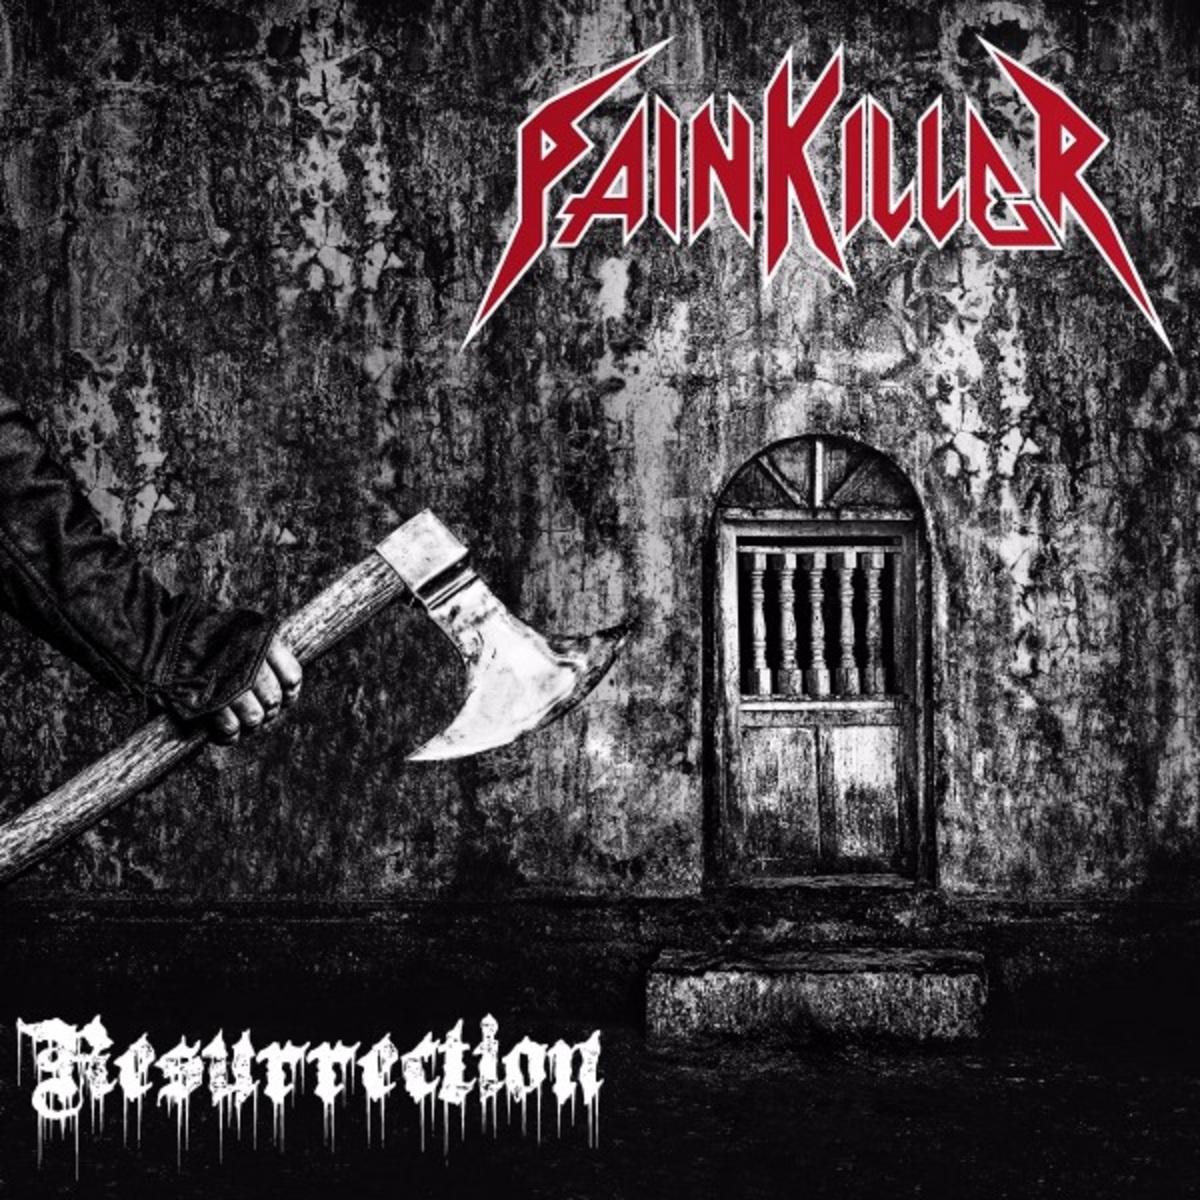 PainKiller - Resurrection